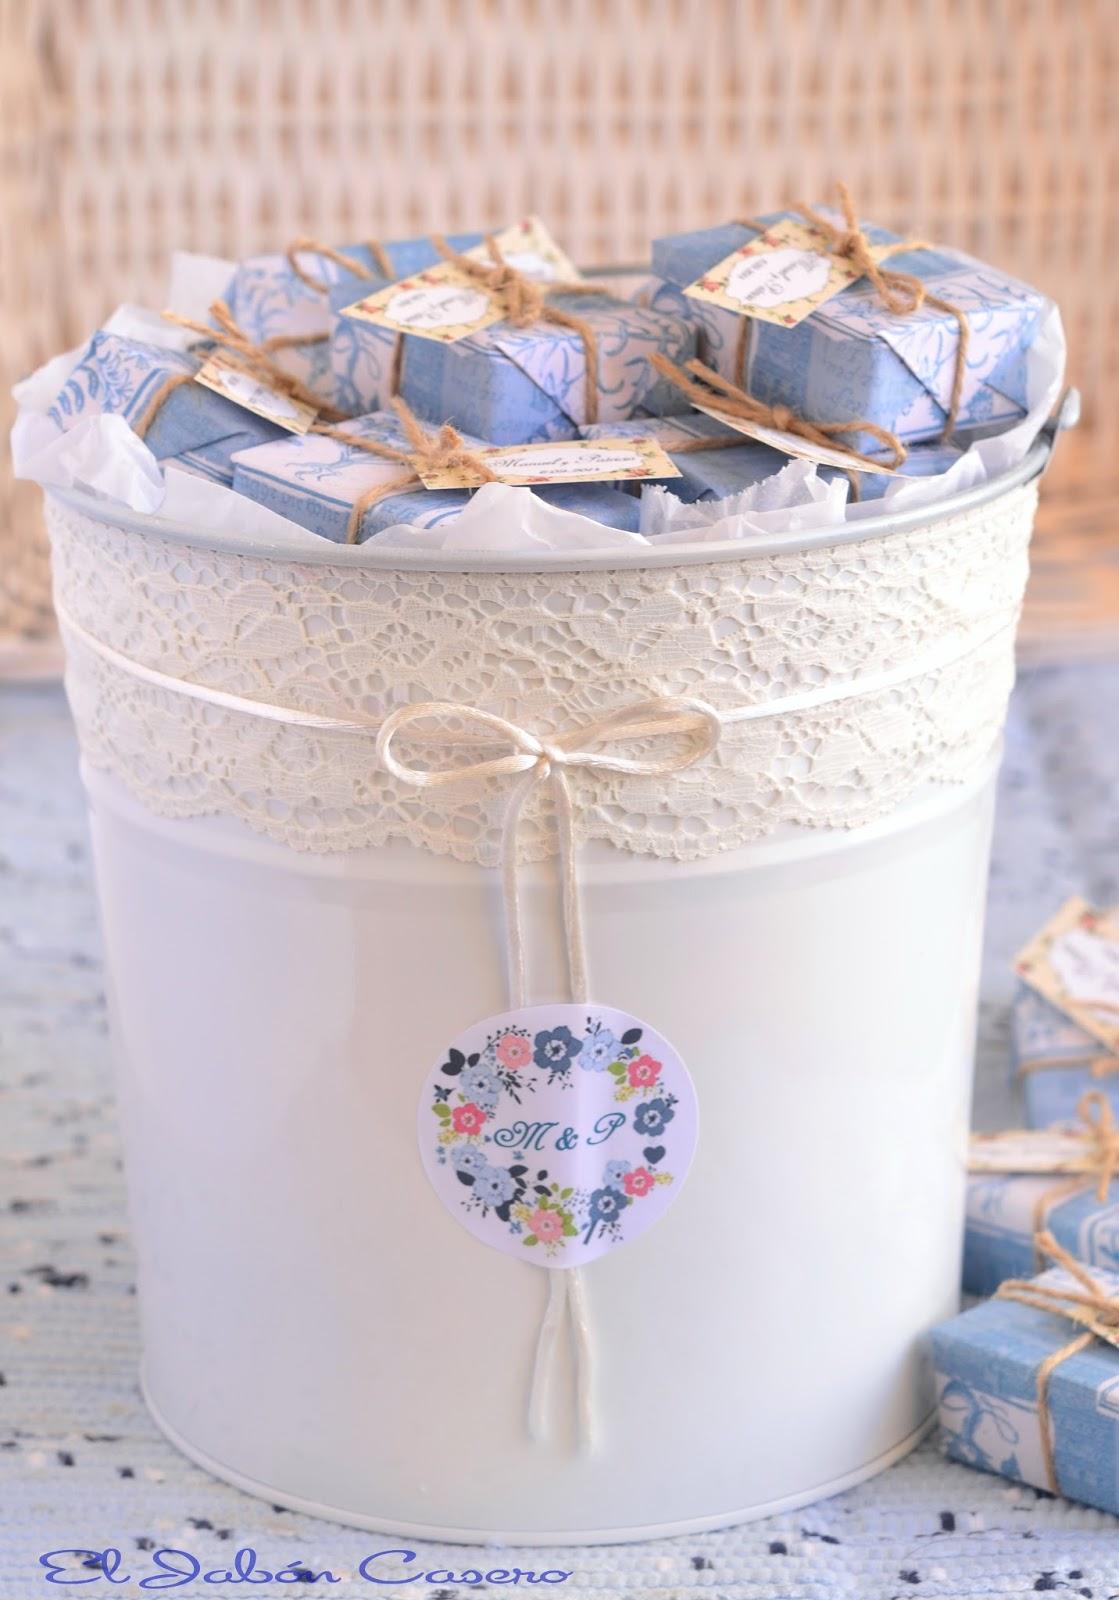 cubo blanco con jabones detalles bodas